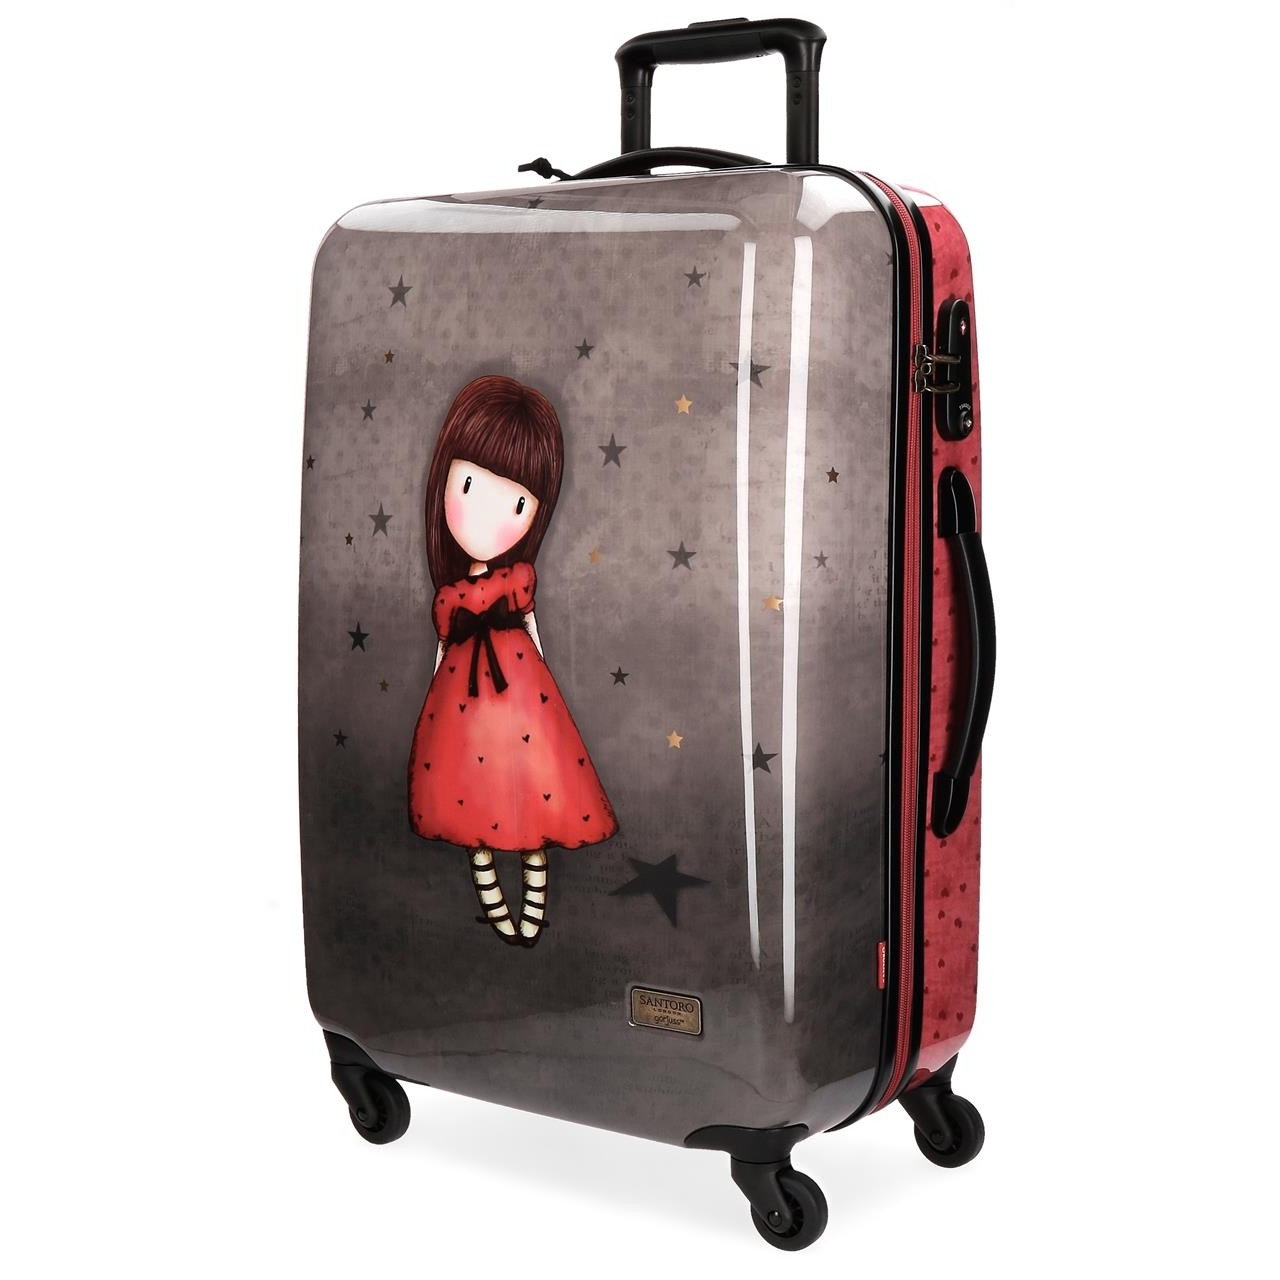 Santoro London - Cestovní kufr na kolečkách 64l - Gorjuss - Black Star - 45x67x26 cm